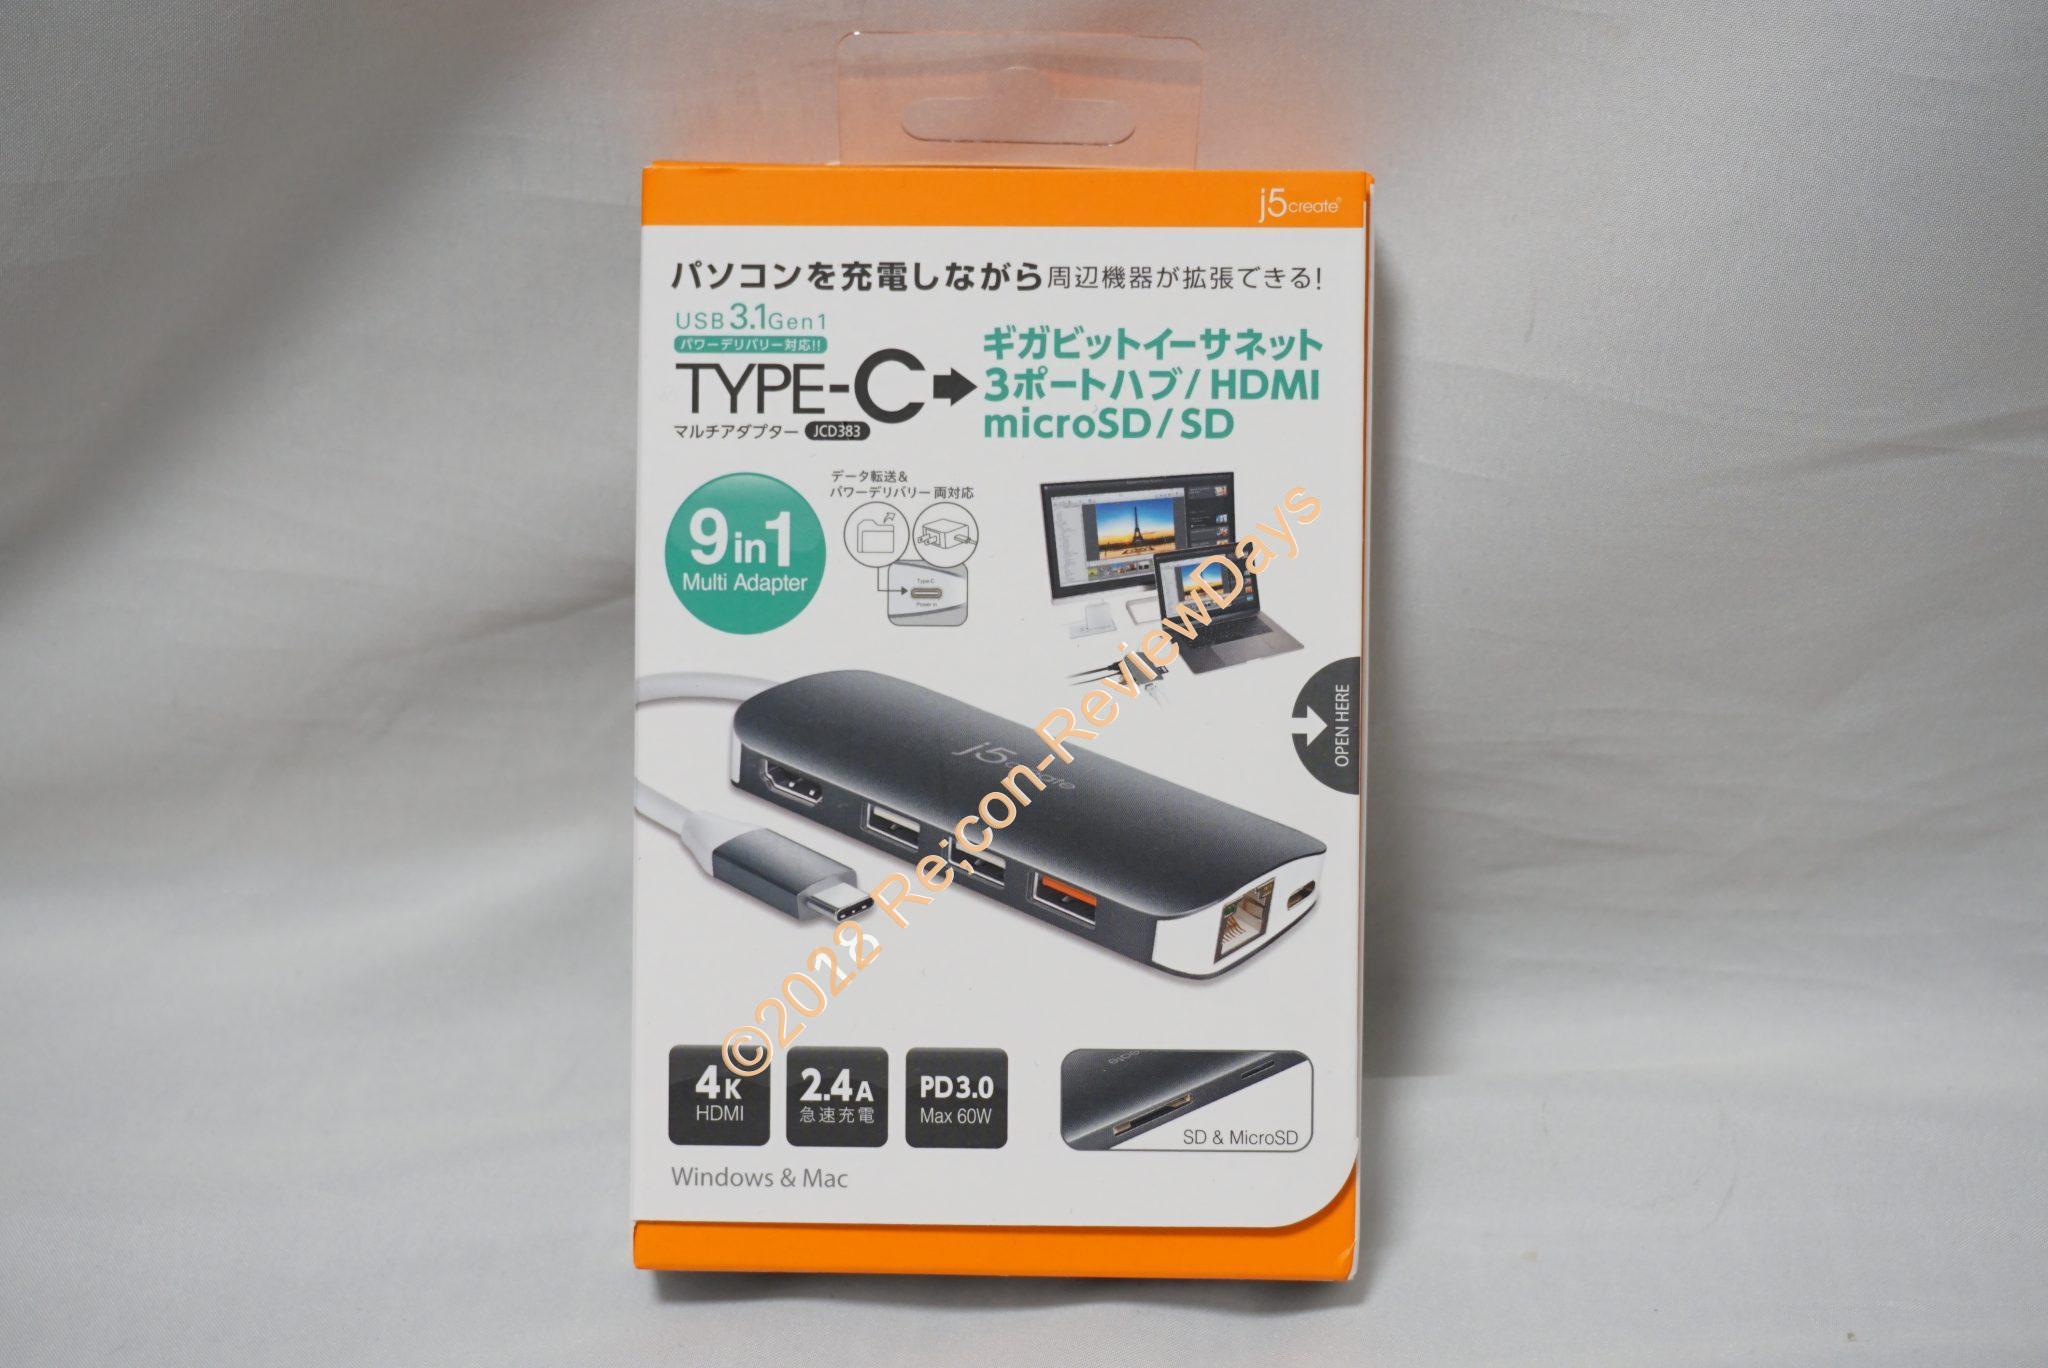 j5 create製のUSB 3.1 Gen1、USB Power Delivery対応の9in1マルチドック「JCD383」の使い勝手をチェックする #テックウインド #TypeC #USBPD #レビュー